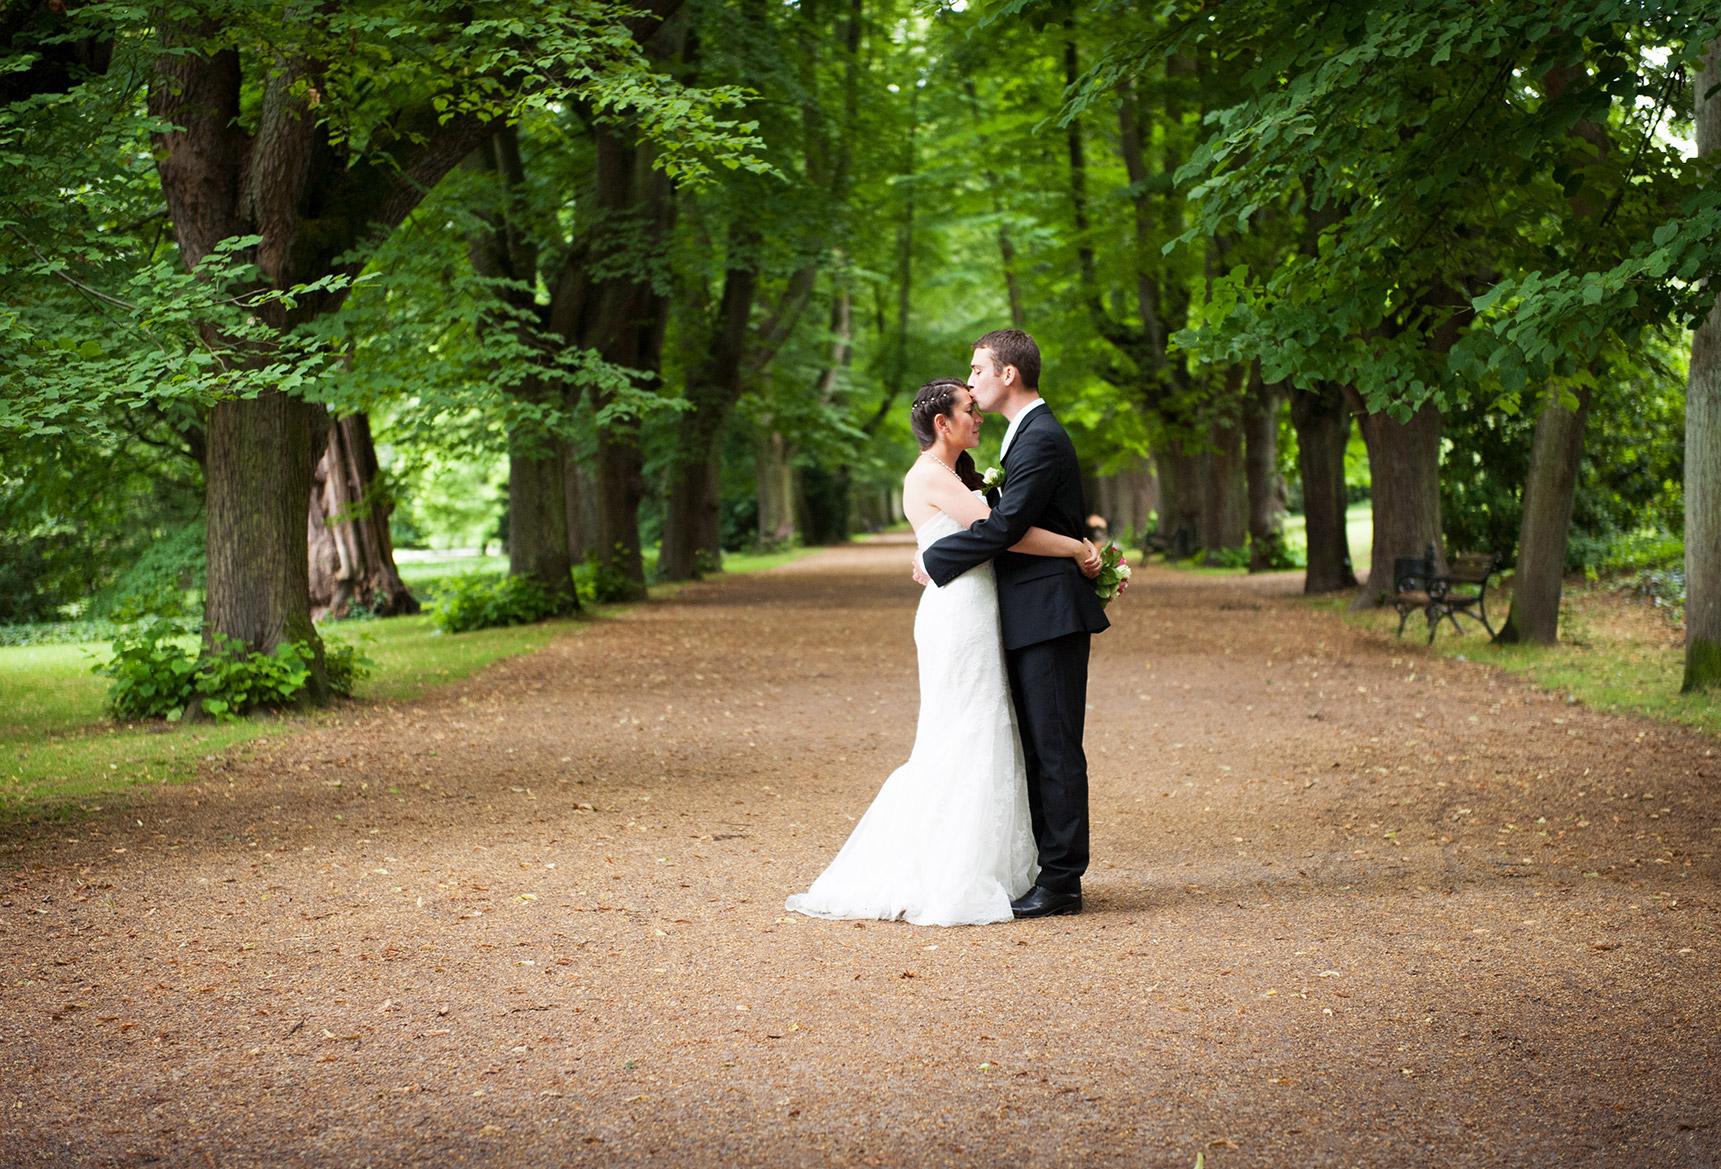 Hochzeitsfotografie Honeylight: Hochzeitsfotos vom Brautpaar das sich im Dortmunder Rombergpark küsst